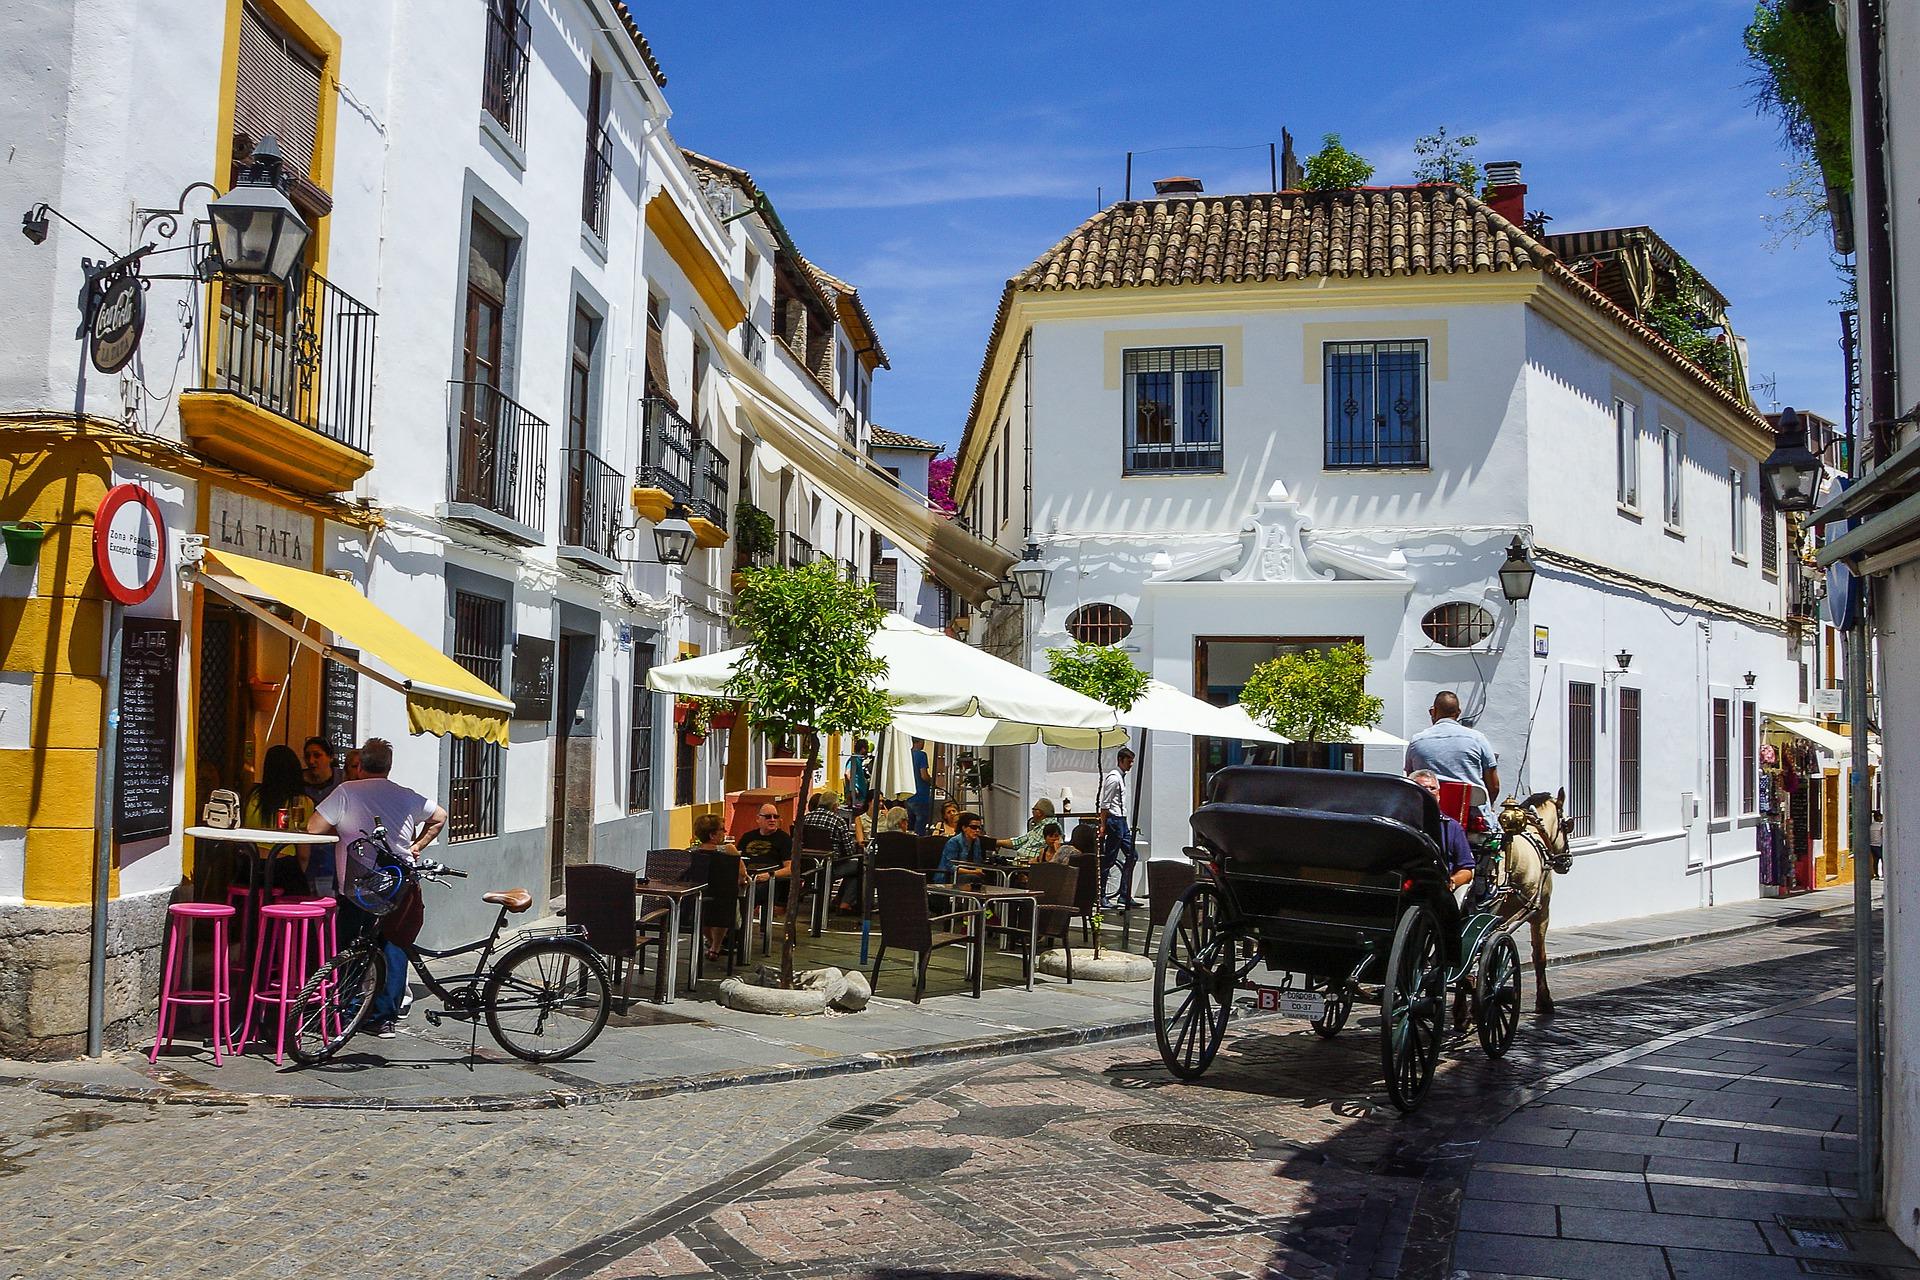 Córdoba, ciudad emblemática que cuenta con el sello Patrimonio de la Humanidad de la UNESCO